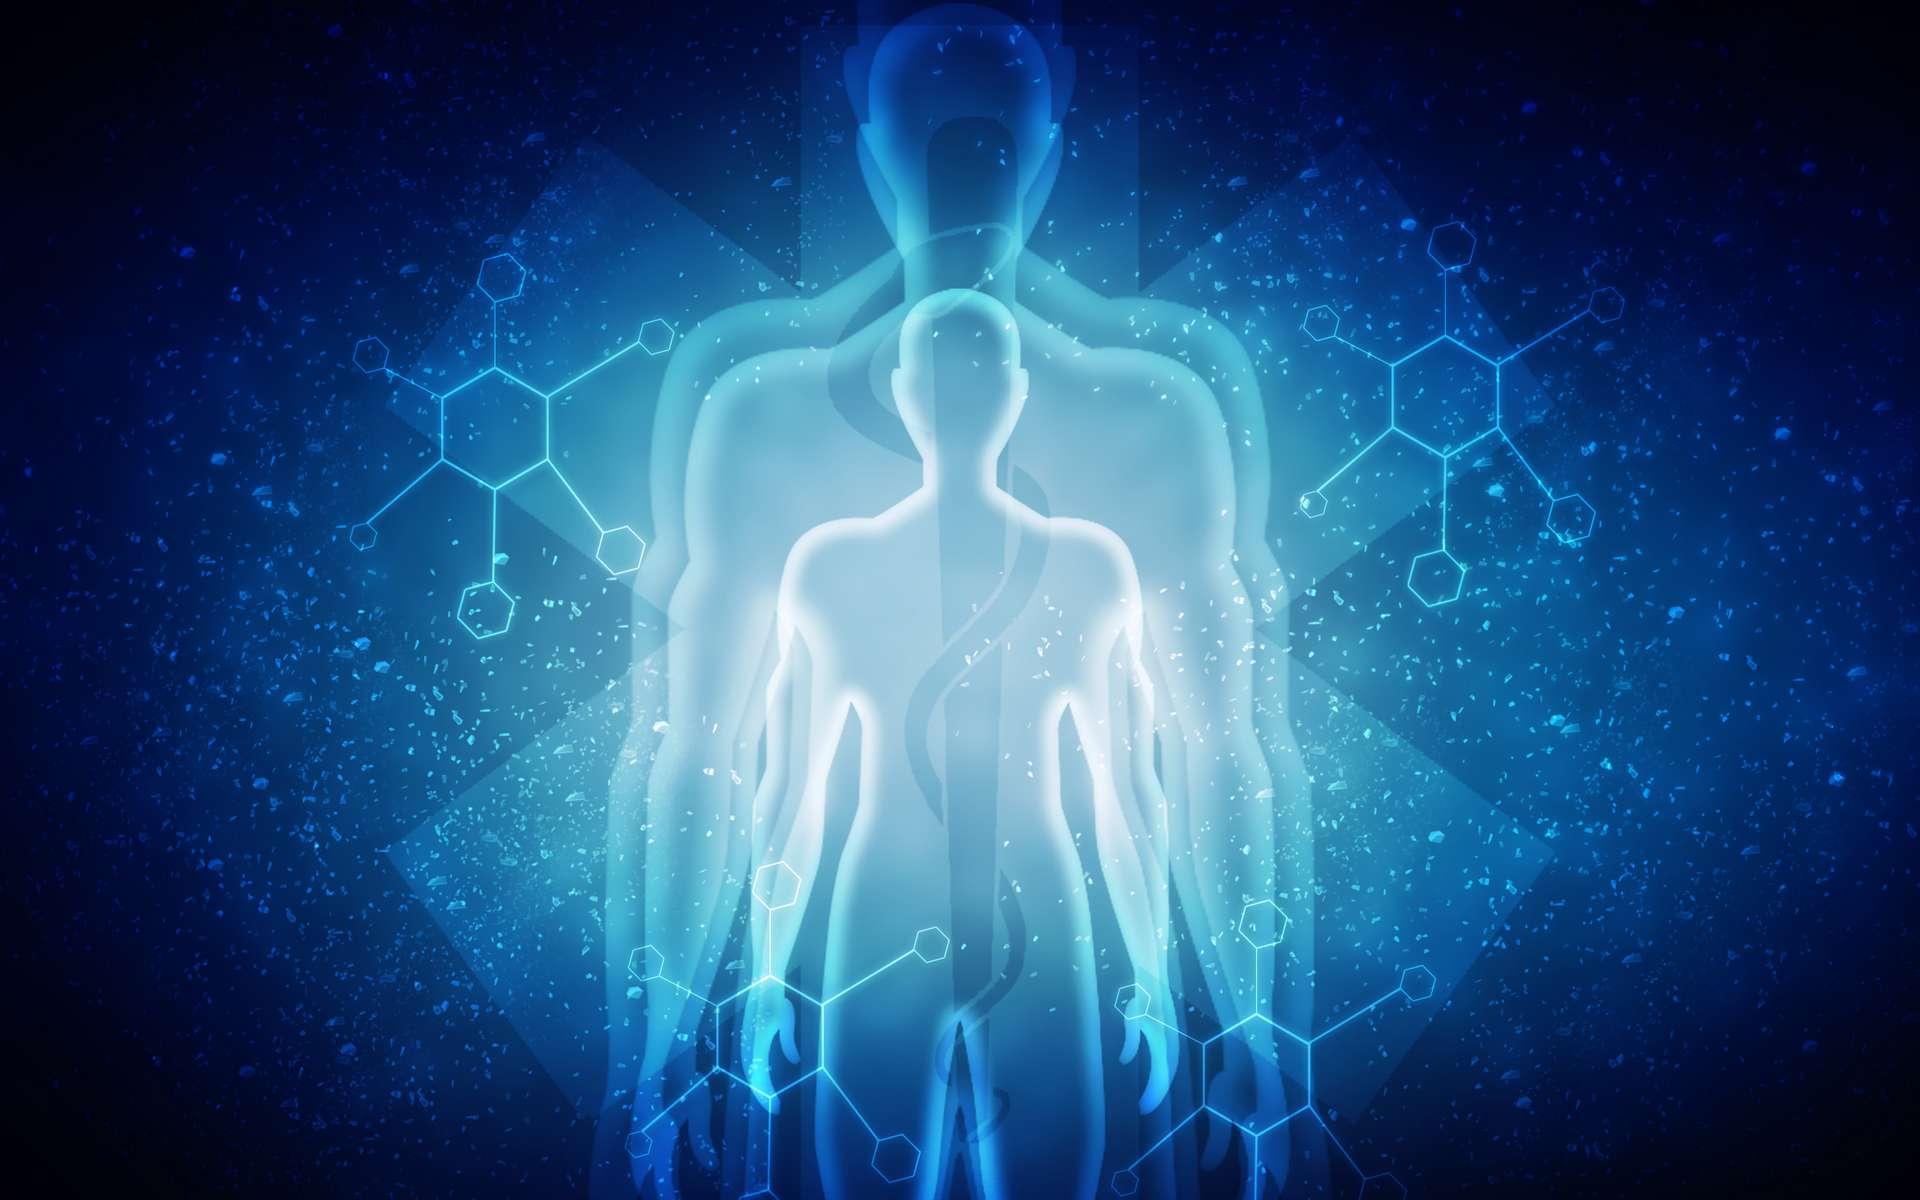 Le corps humain est encore plein de mystère à résoudre pour la science. © deepagopi2011, Adobe Stock